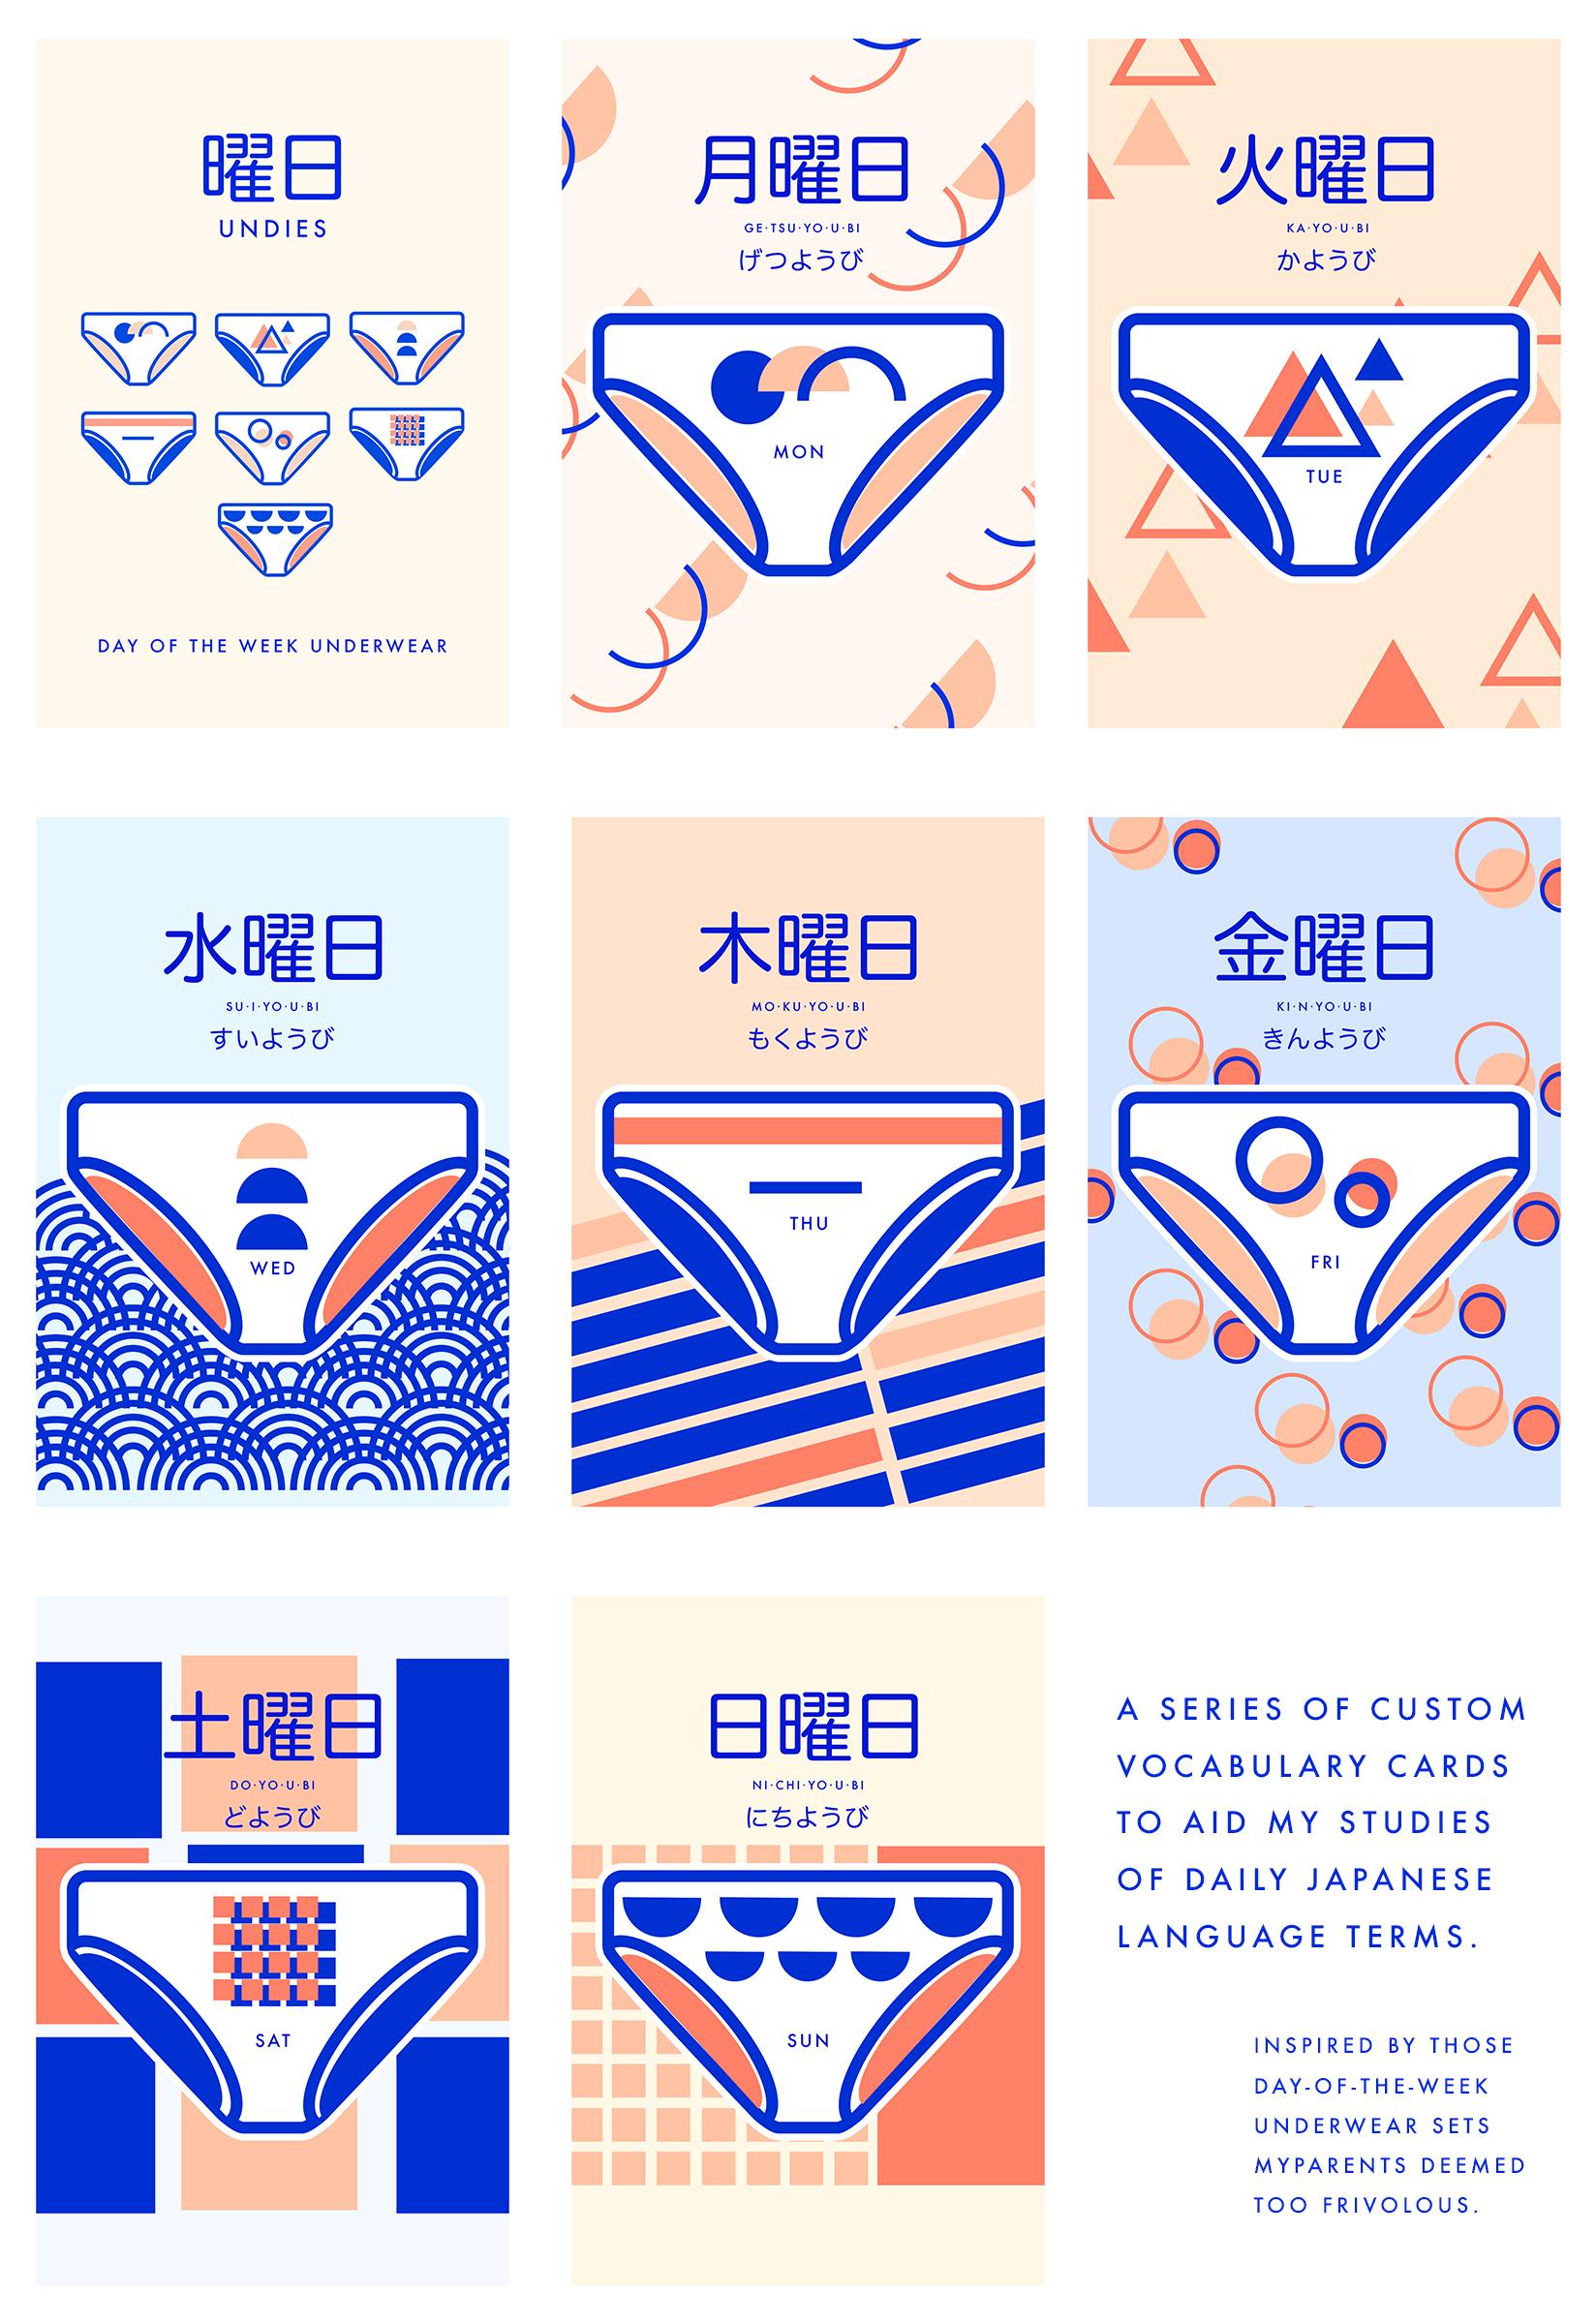 You-bi Undies: Day of the Week Underwear